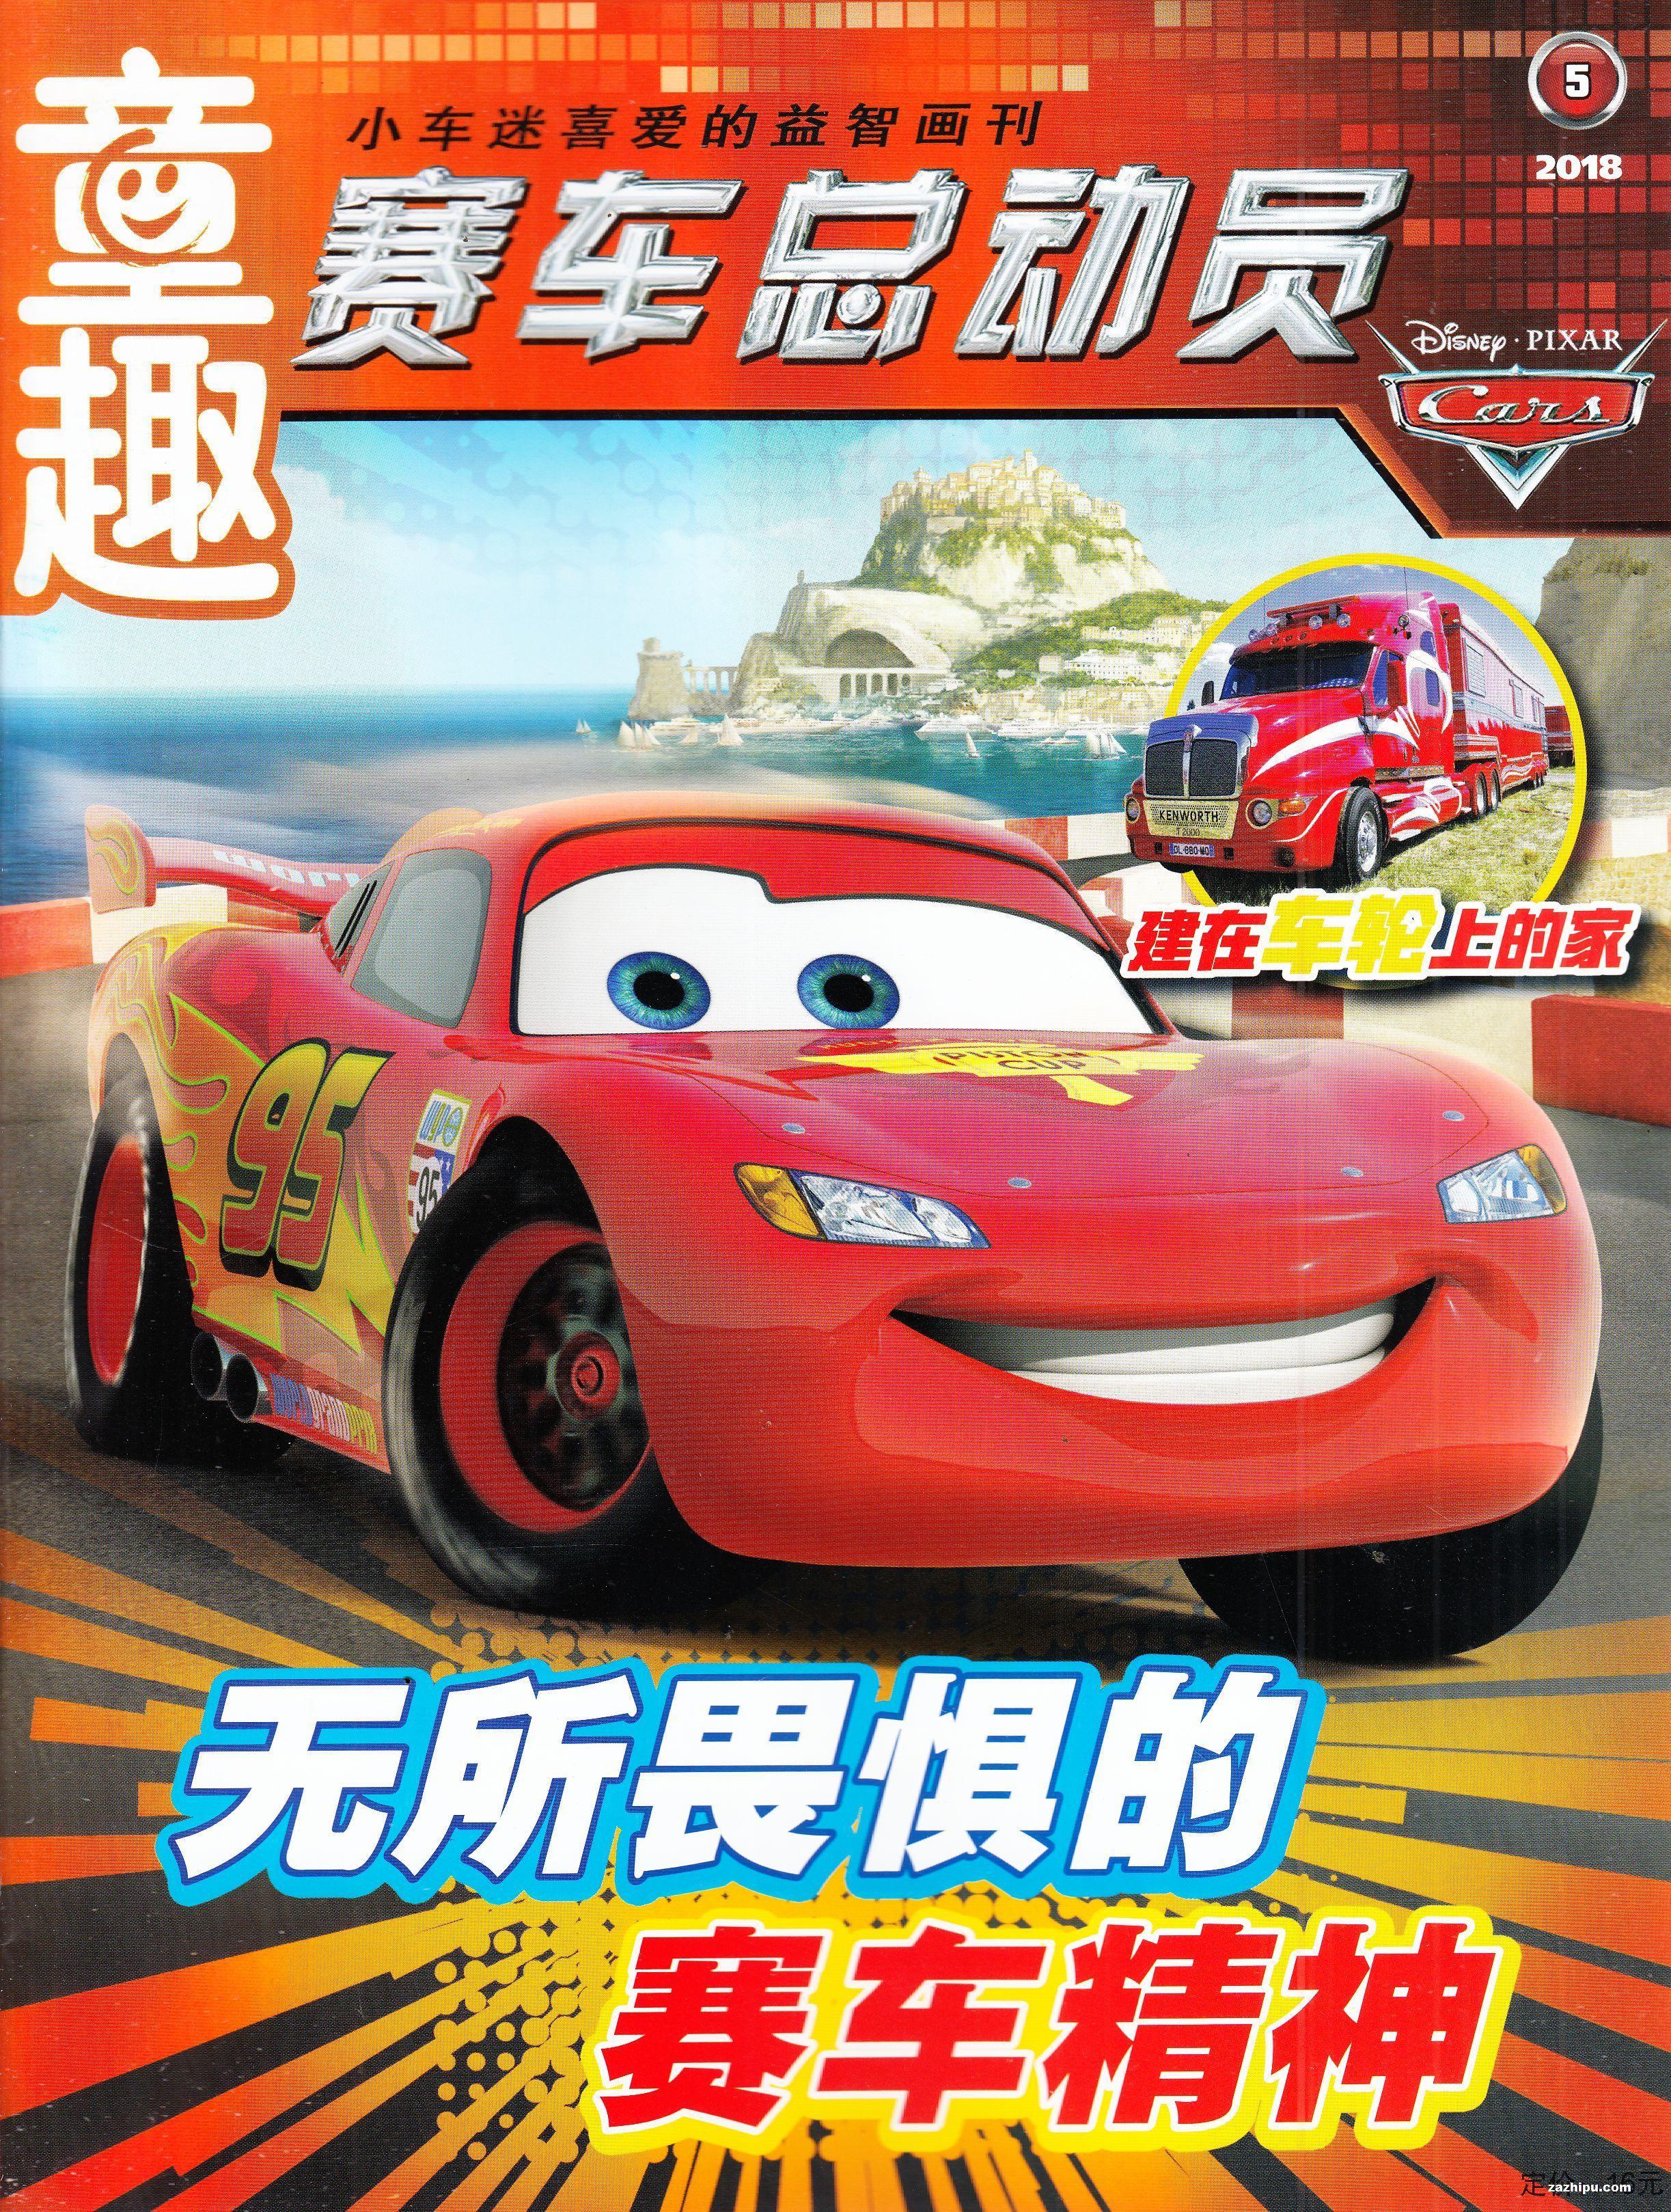 汽车总动员1中文版_赛车总动员 国语-赛车总动员2 国语免费-汽车总动员1国语在线看 ...